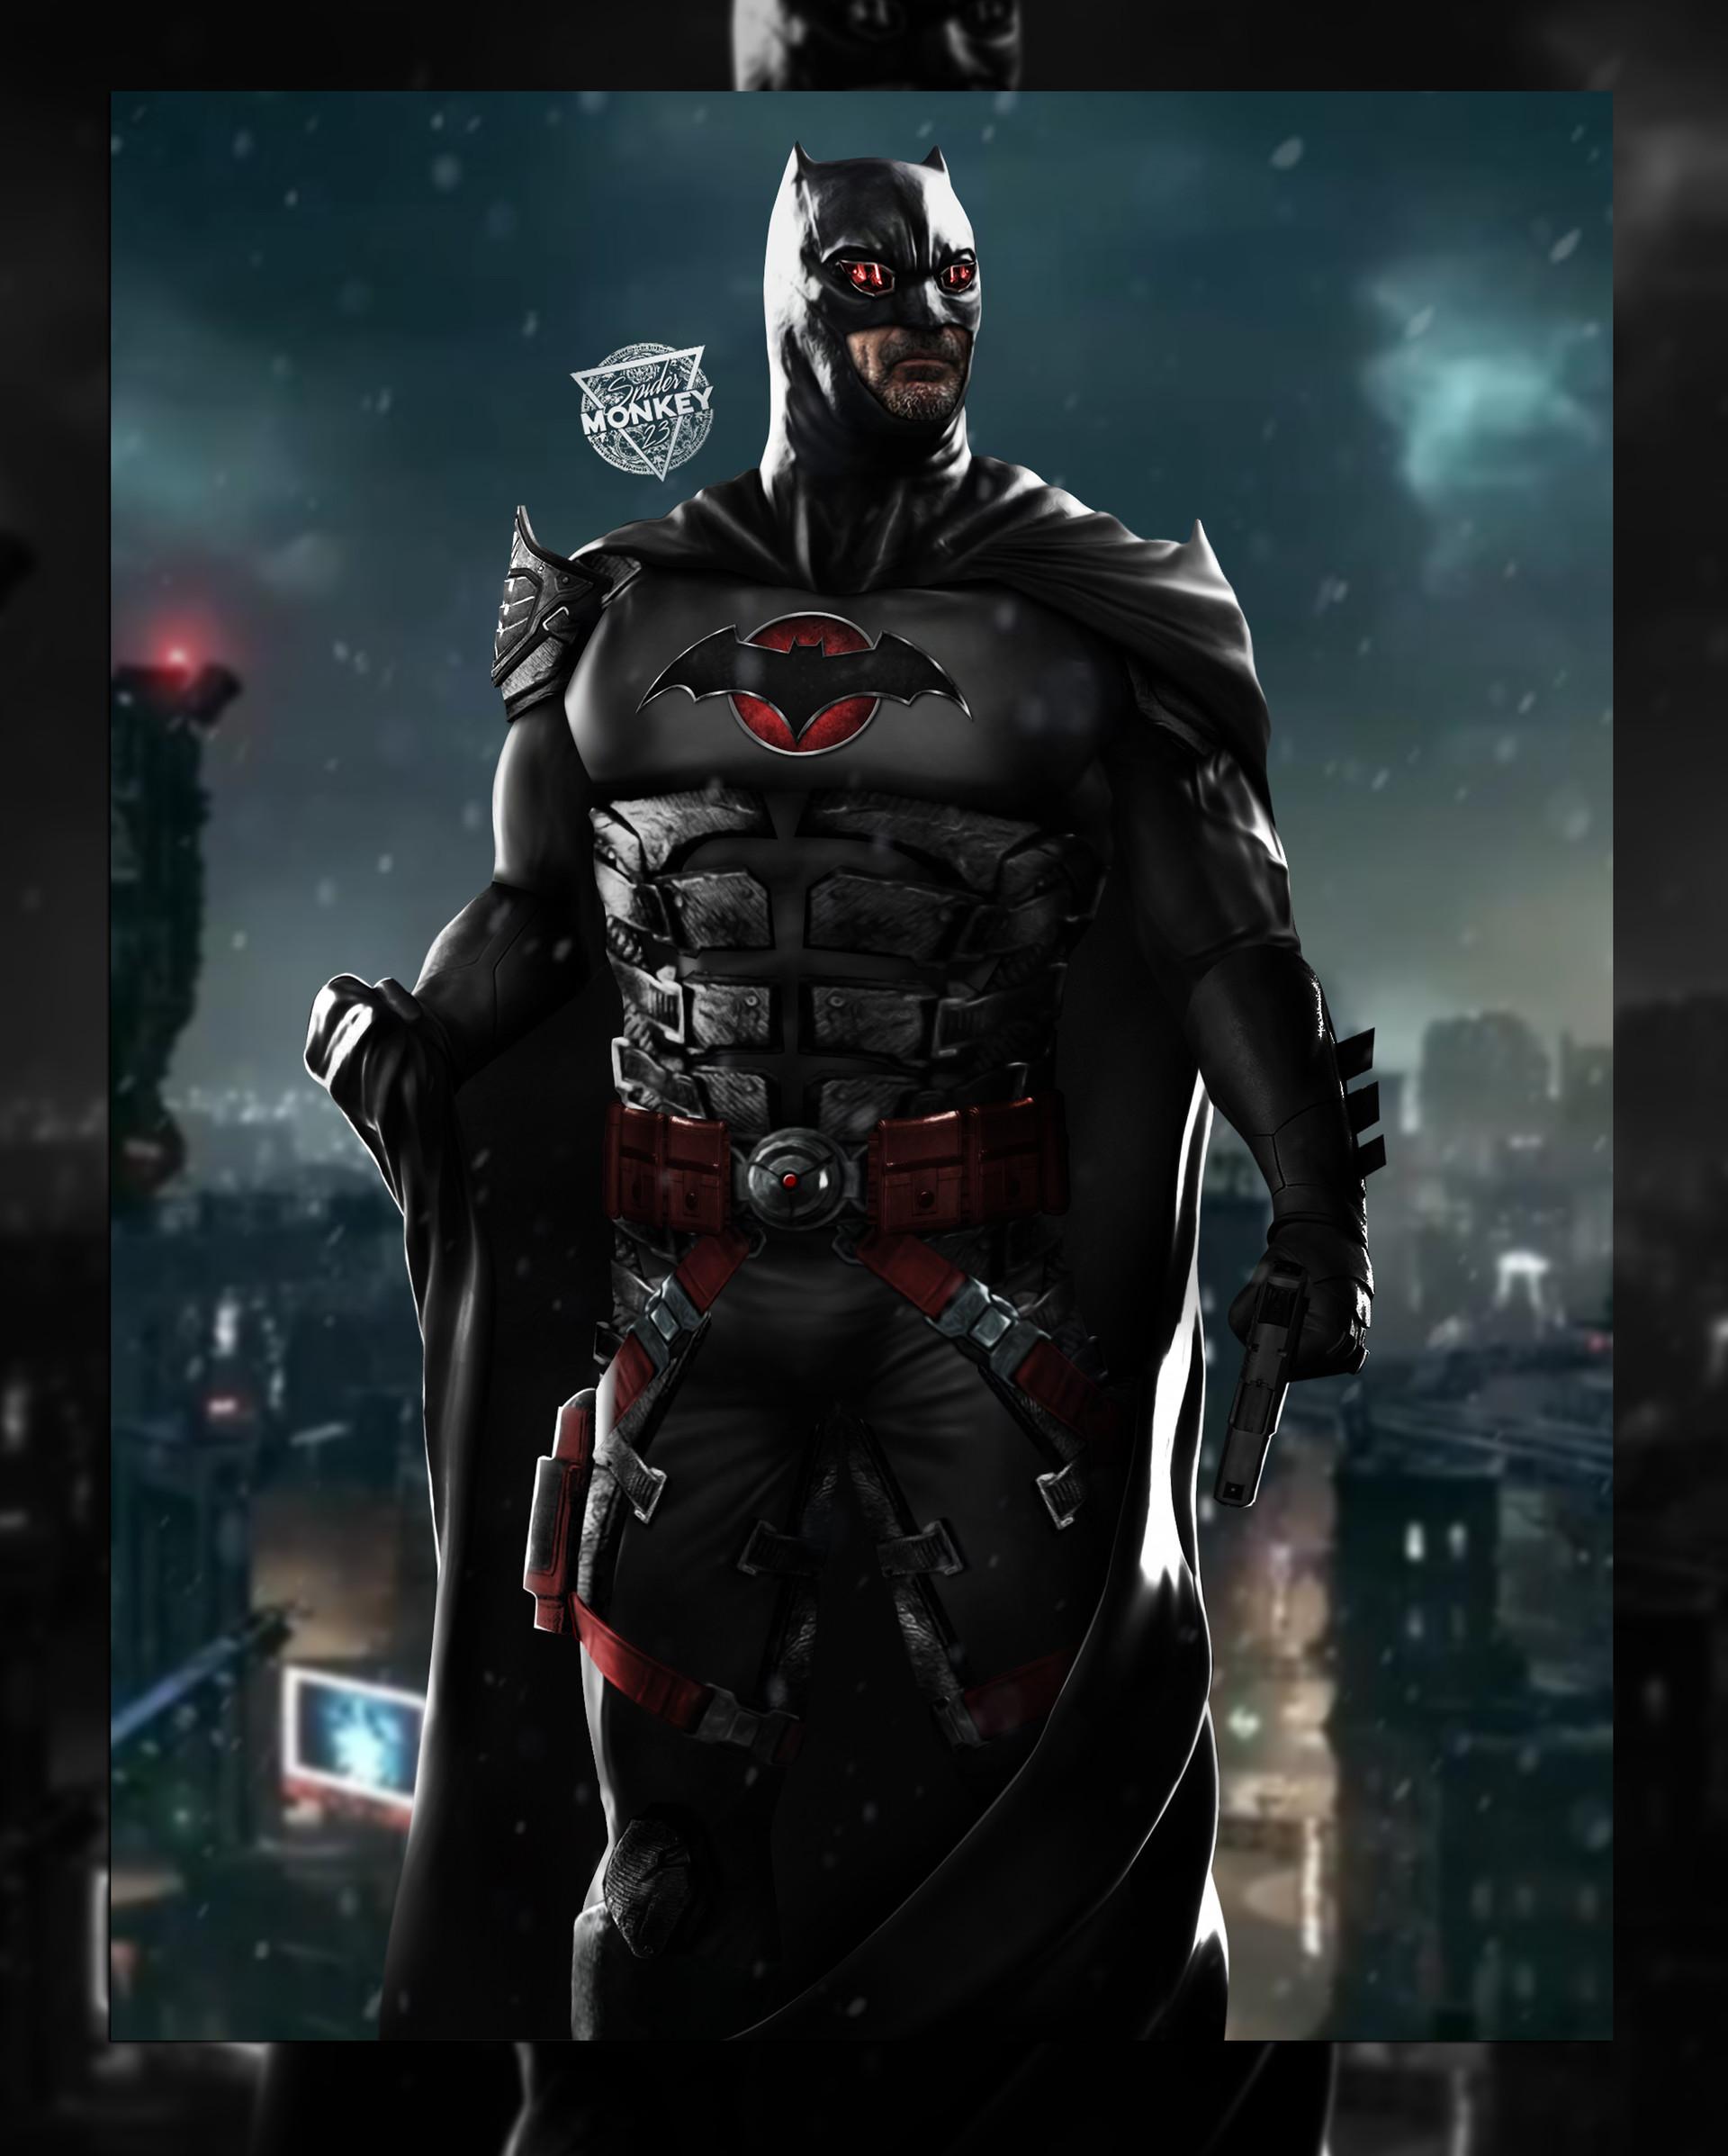 ArtStation - Flashpoint Batman, SPDRMNKY XXIII